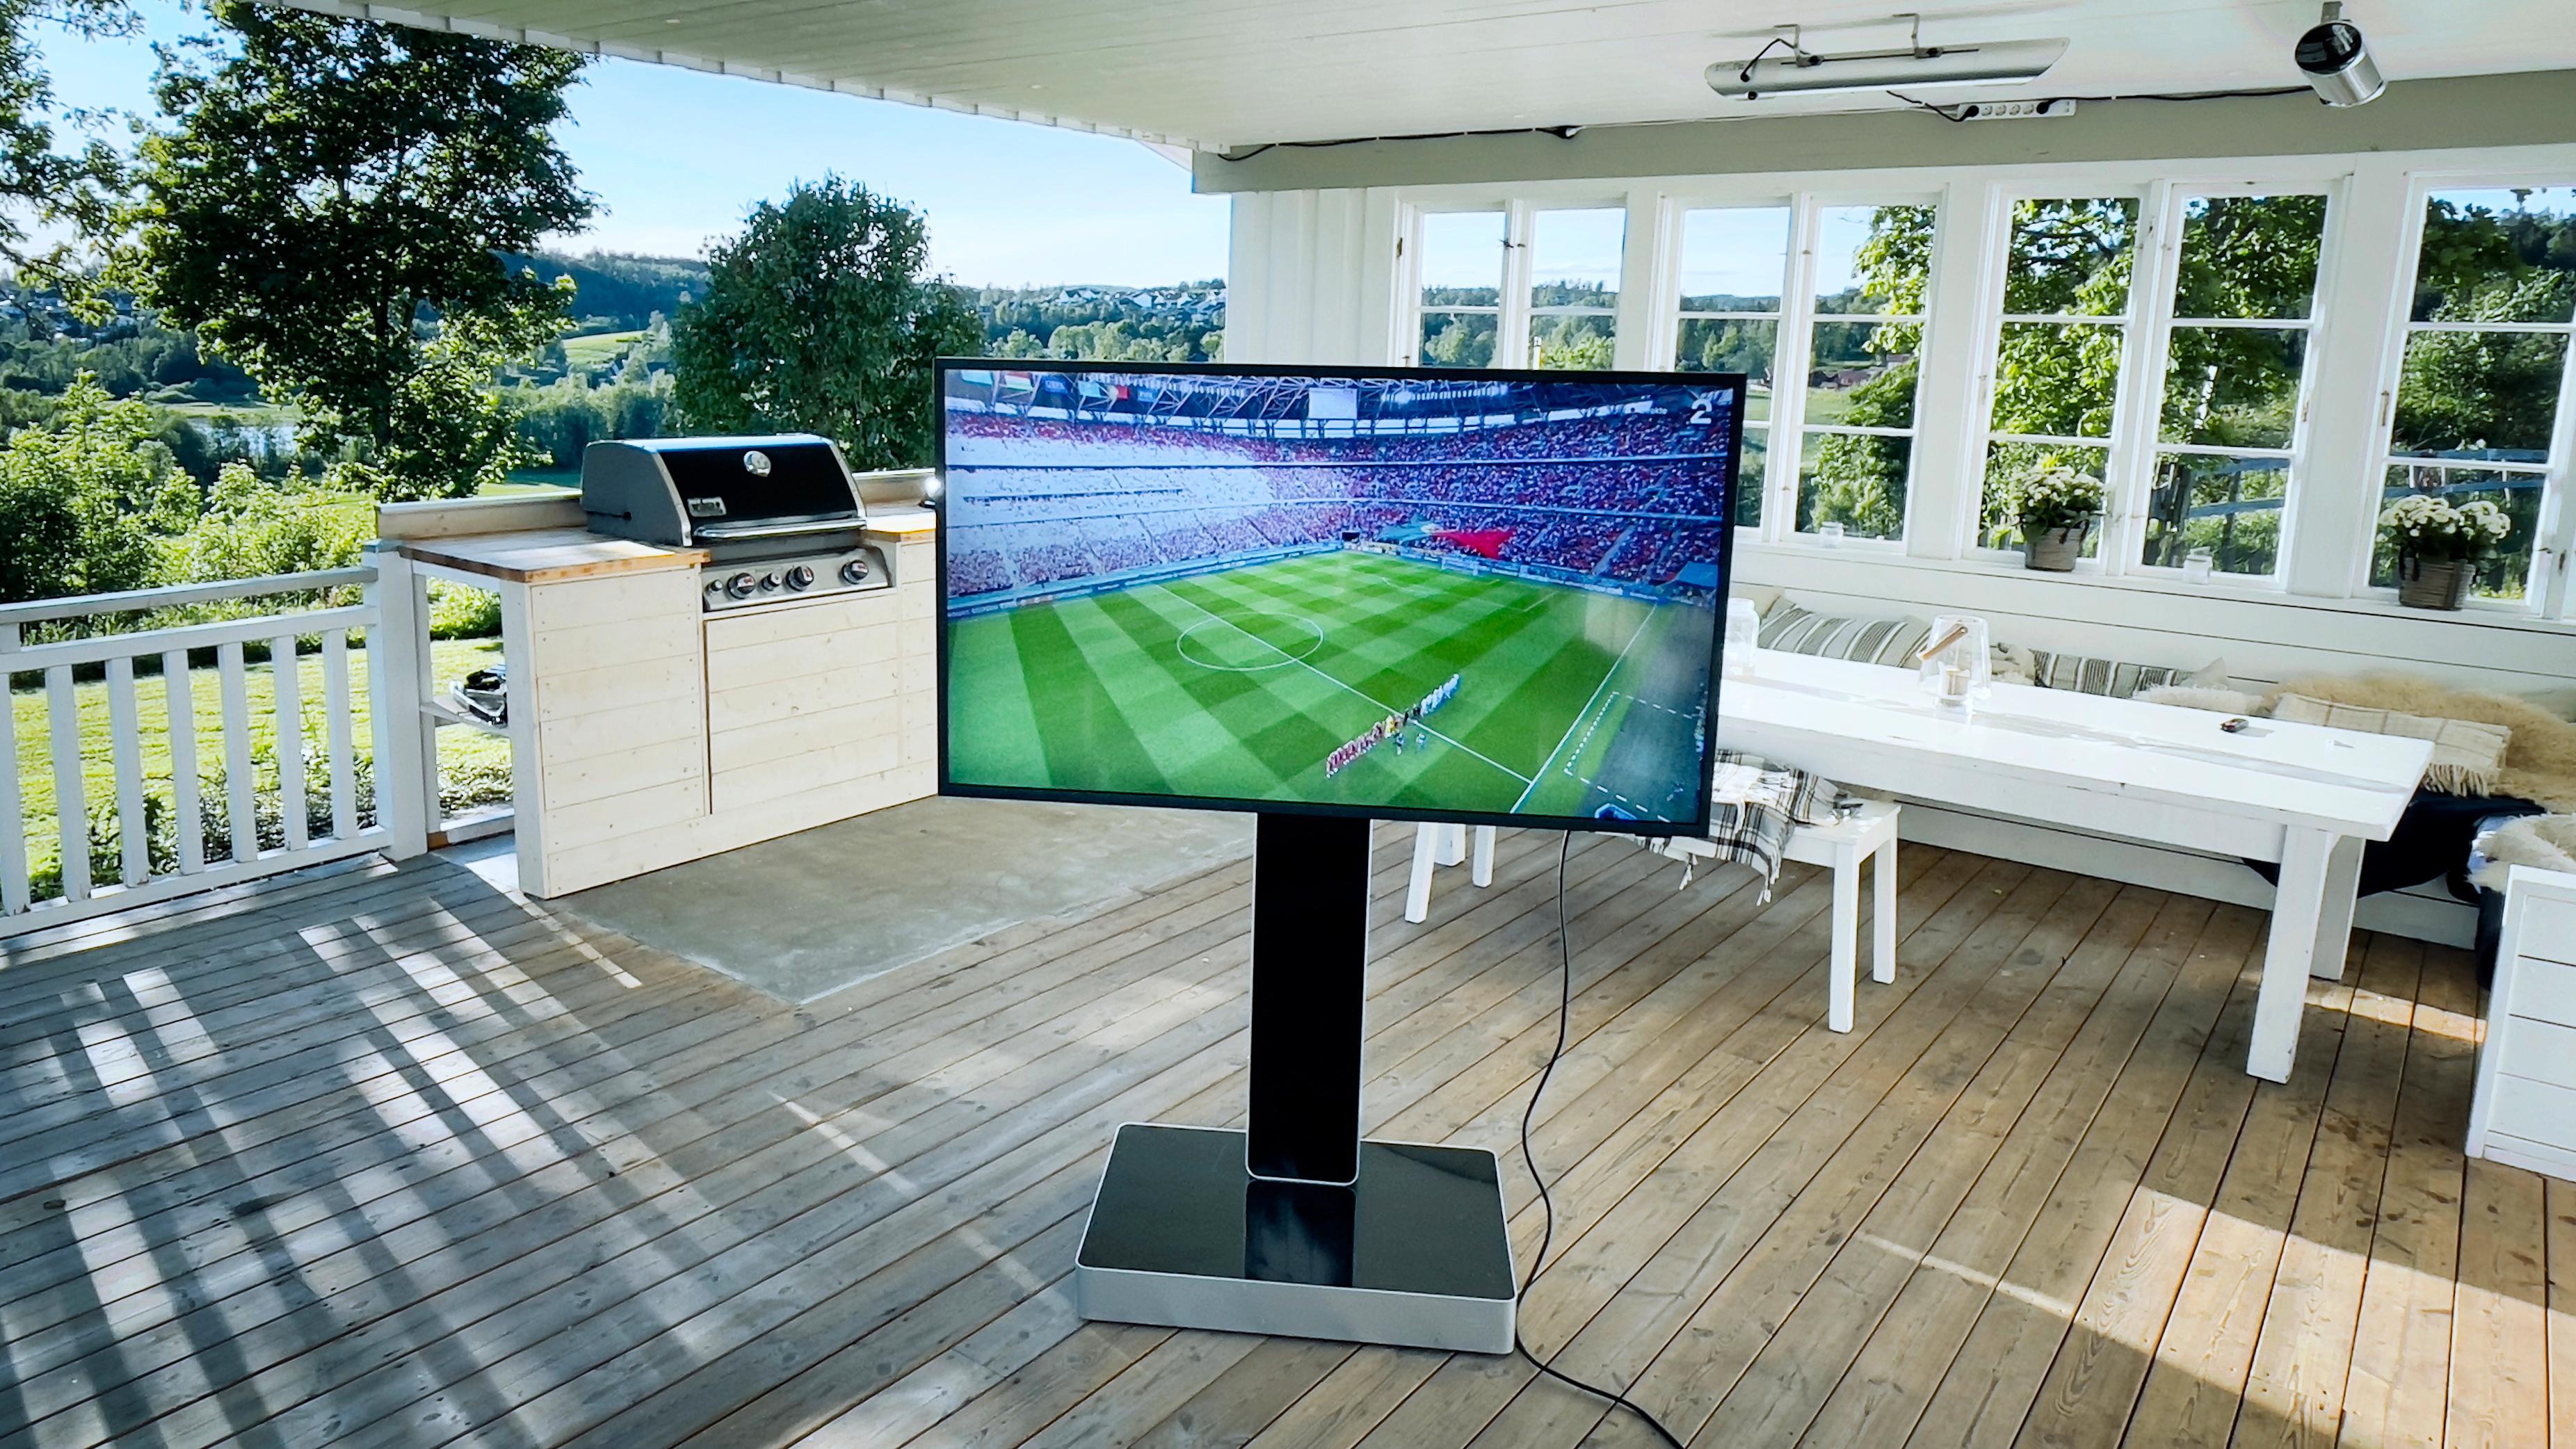 Samsungs «The Terrace» er laget for å kunne stå utendørs